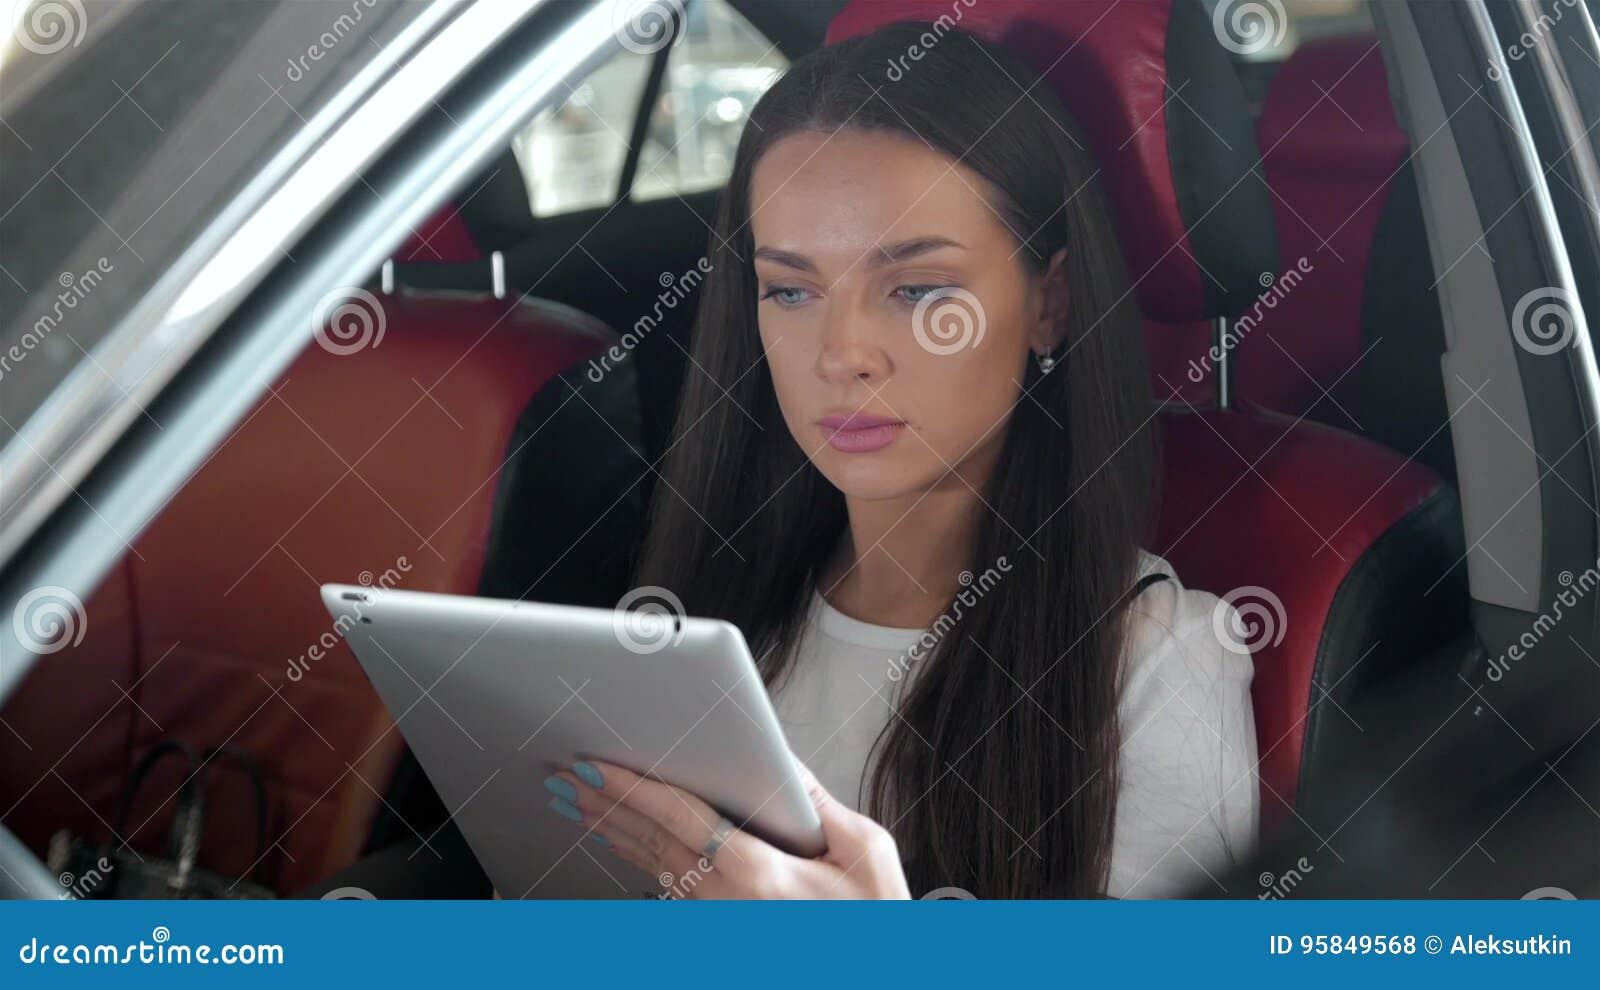 Dator för minnestavla för handlag för bil för attraktivt utövande kvinnligt chefarbete lyxig